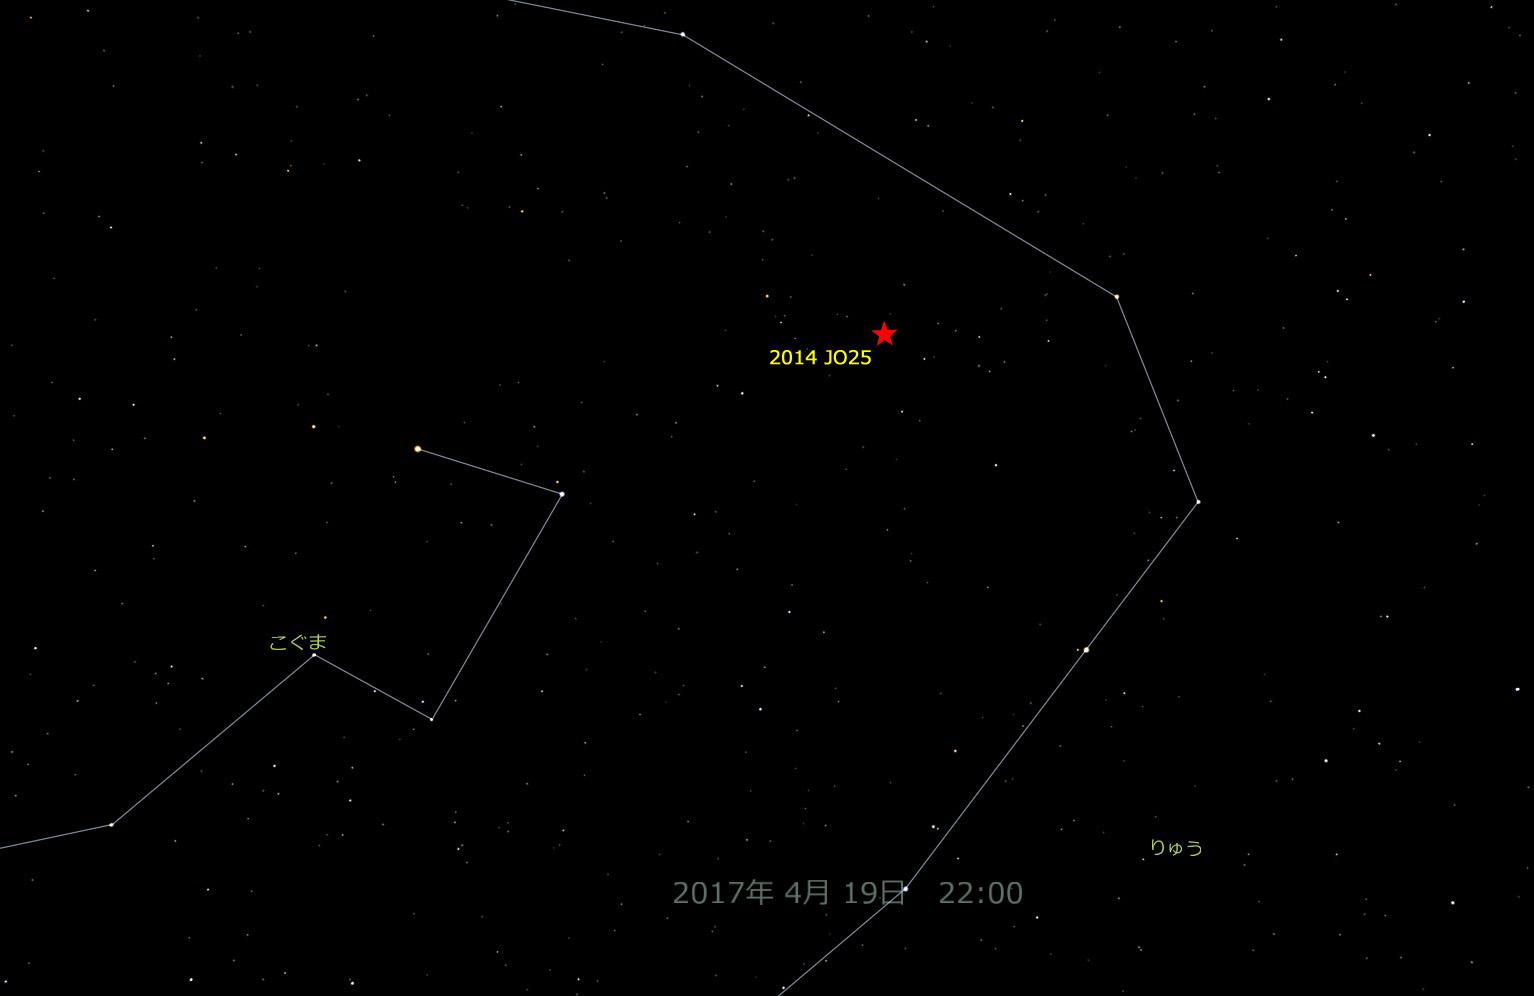 「2014 JO25」付近の拡大図